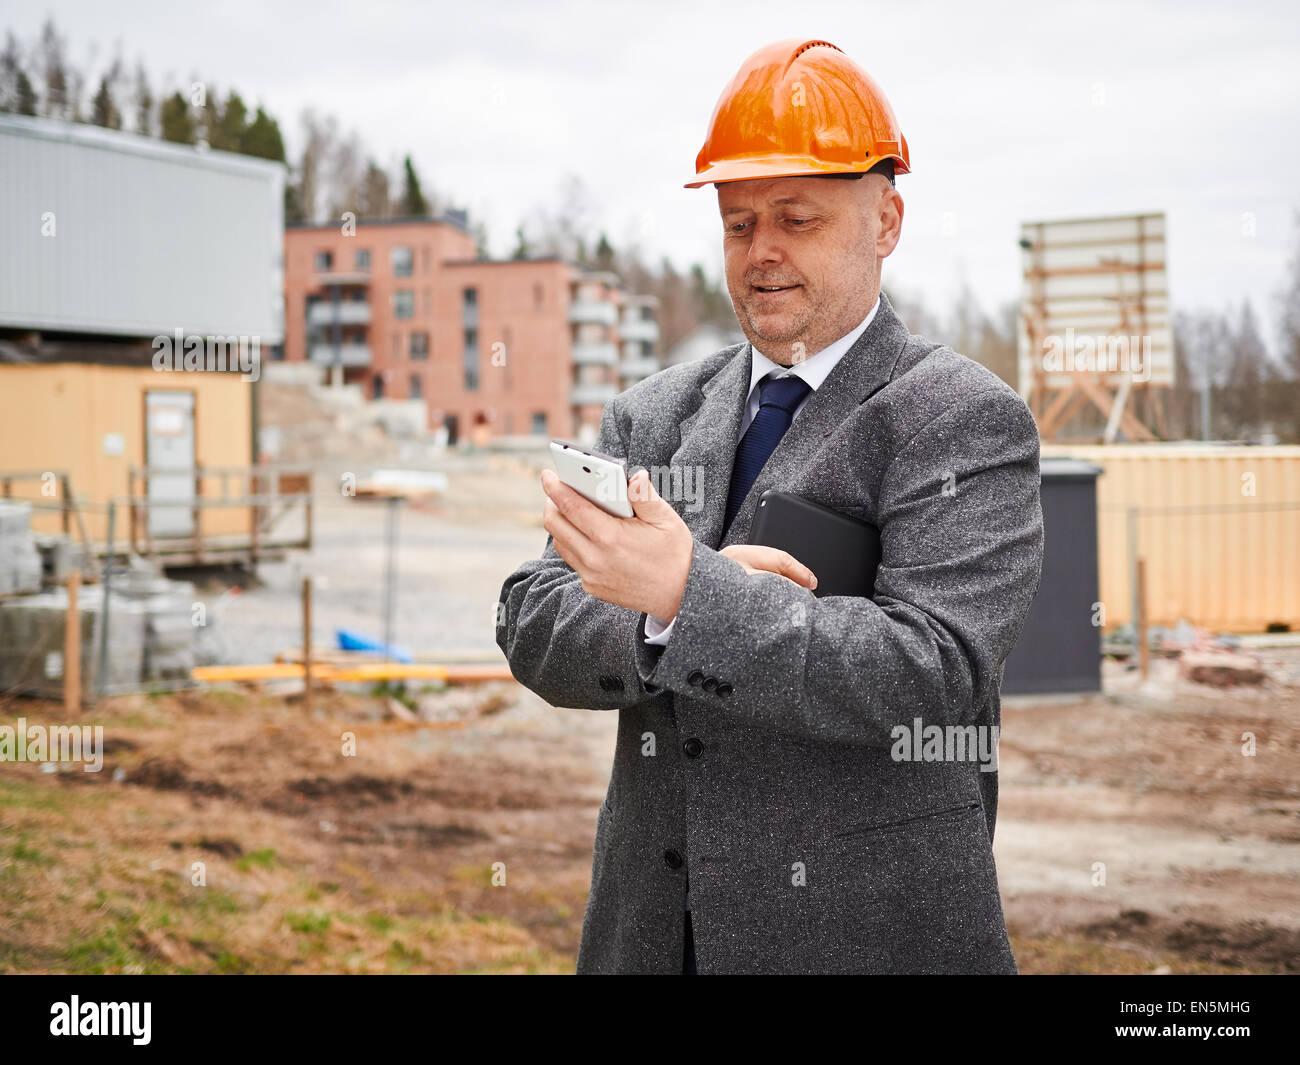 Ingeniero macho utiliza teléfono celular, él vistiendo el traje y el sombrero duro, construcción Imagen De Stock